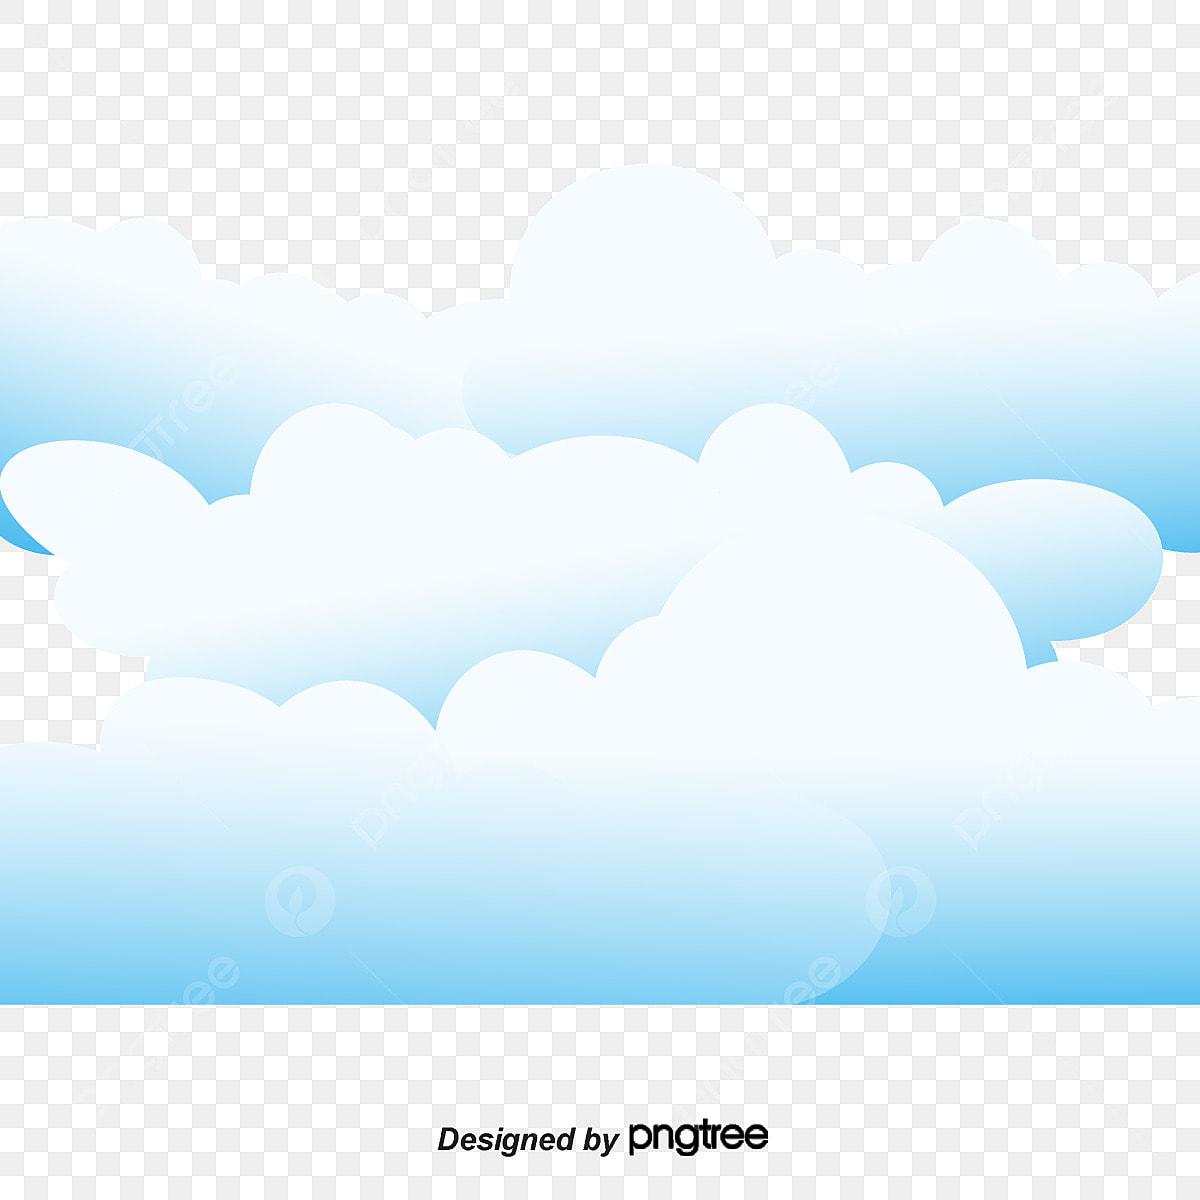 Nuvens De Desenhos Animados, Desenho Animado, Nuvens, Vetor Dos Desenhos  Animados Imagem PNG e Vetor Para Download Gratuito